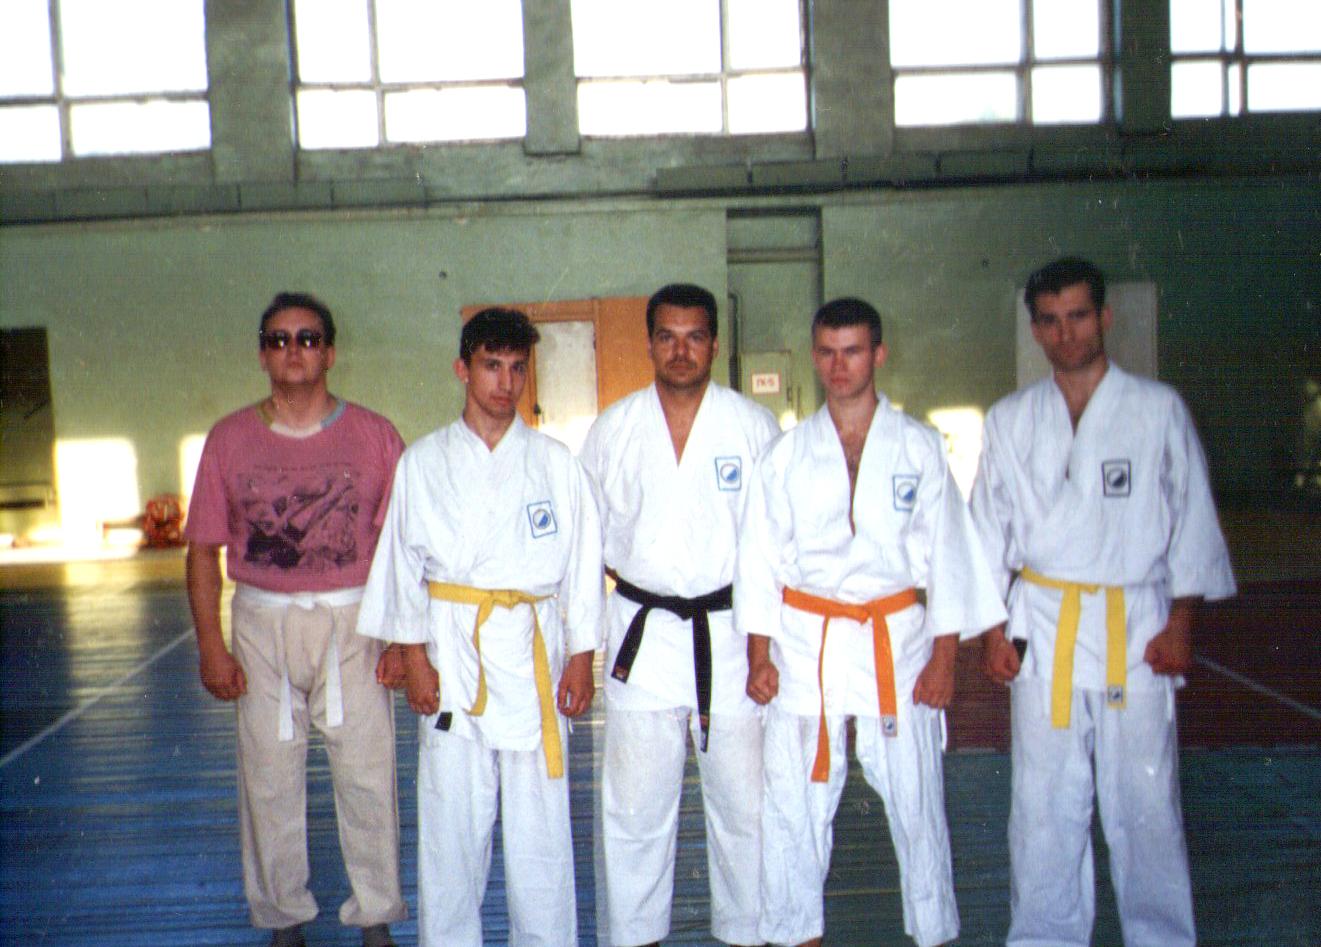 На фотке слева направо: Миша (занимался у нас совсем недолго), Игорь Ходаков, сэнсей Саша Никитин, Шао (Сергей Ионов), Загорянка (Саша Андрияшин)